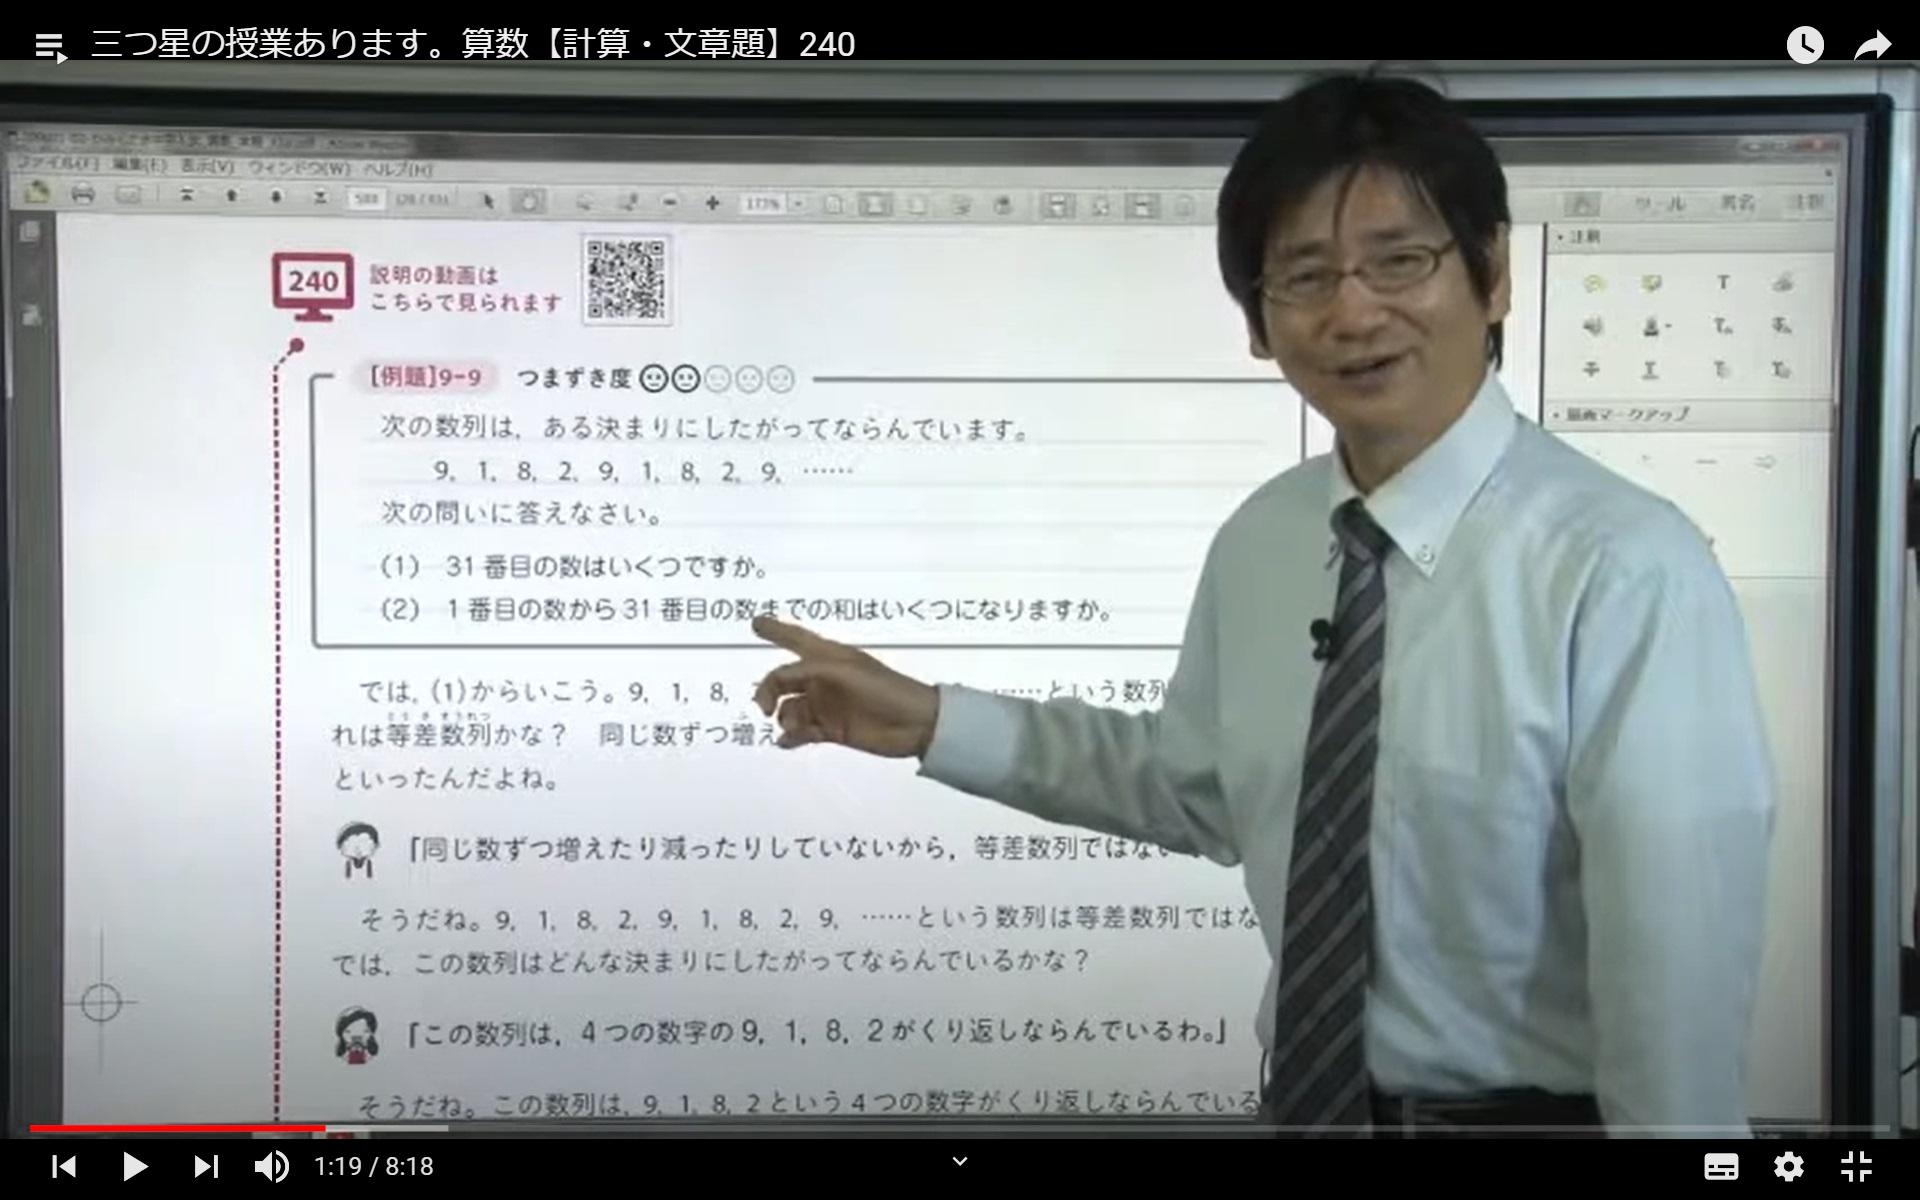 なんと全ページの内容を解説する授業がYouTubeで見られる!